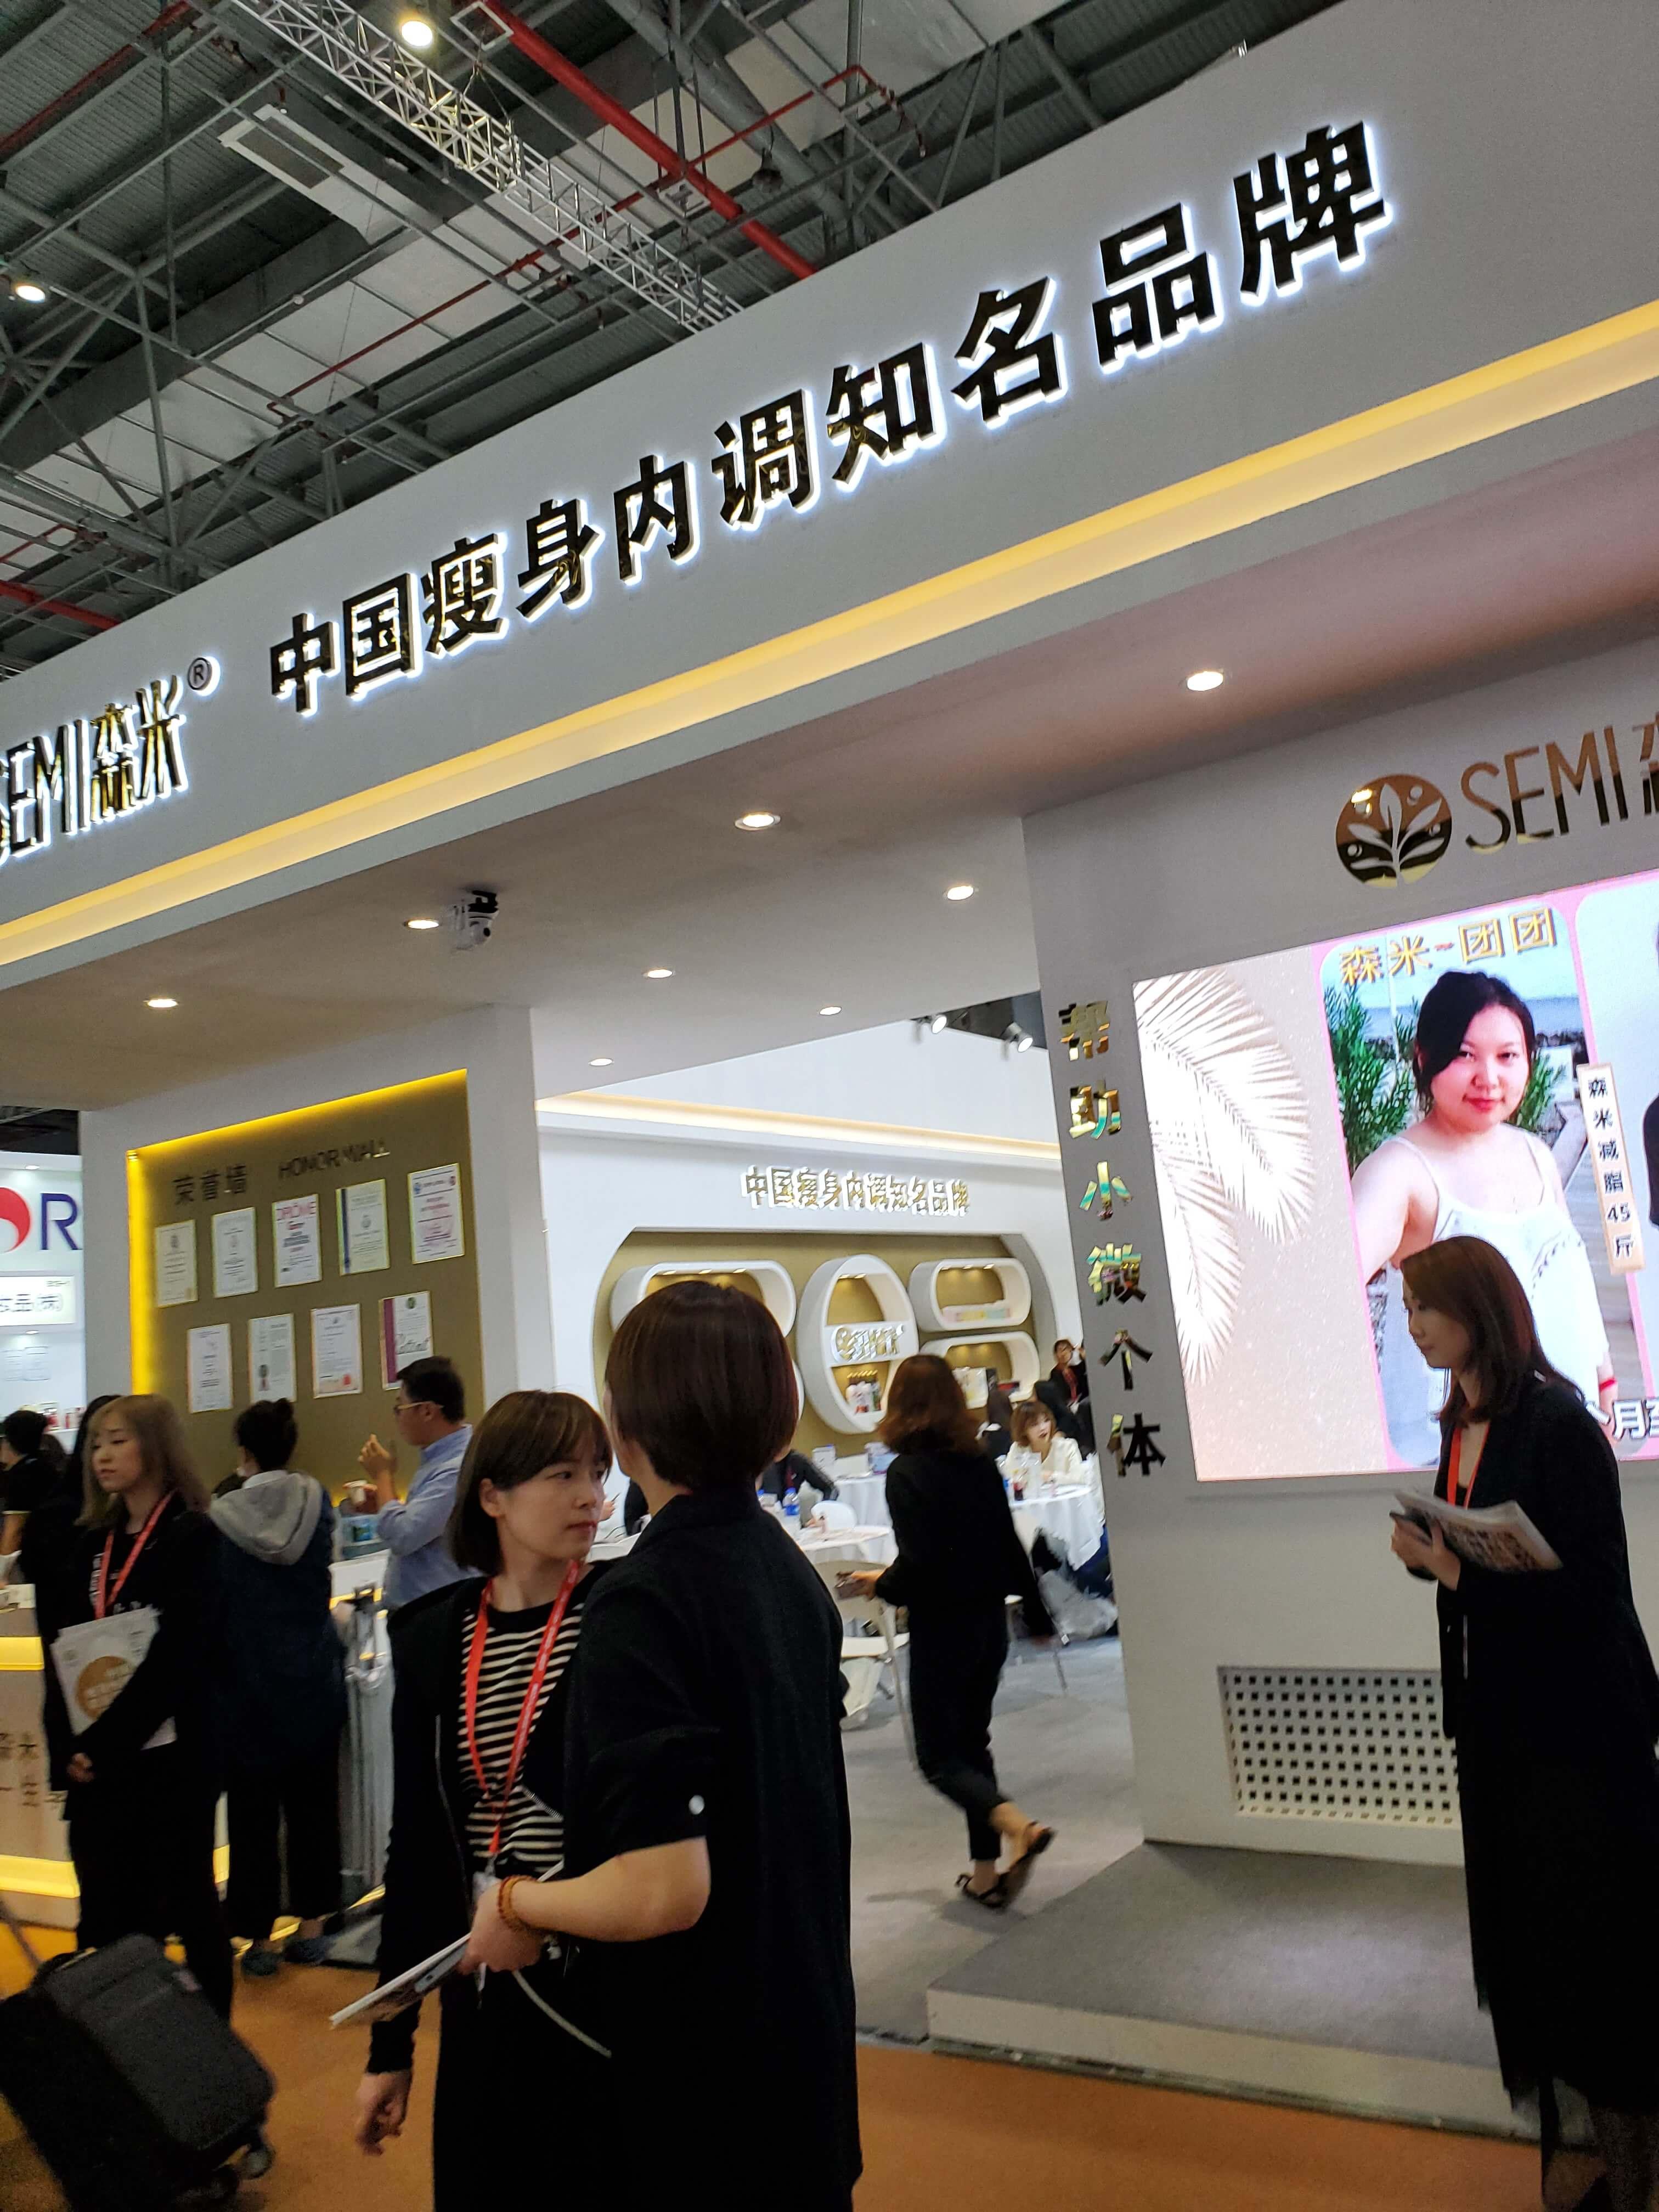 上海美博会の様子2019(画像のみ) 参考画像